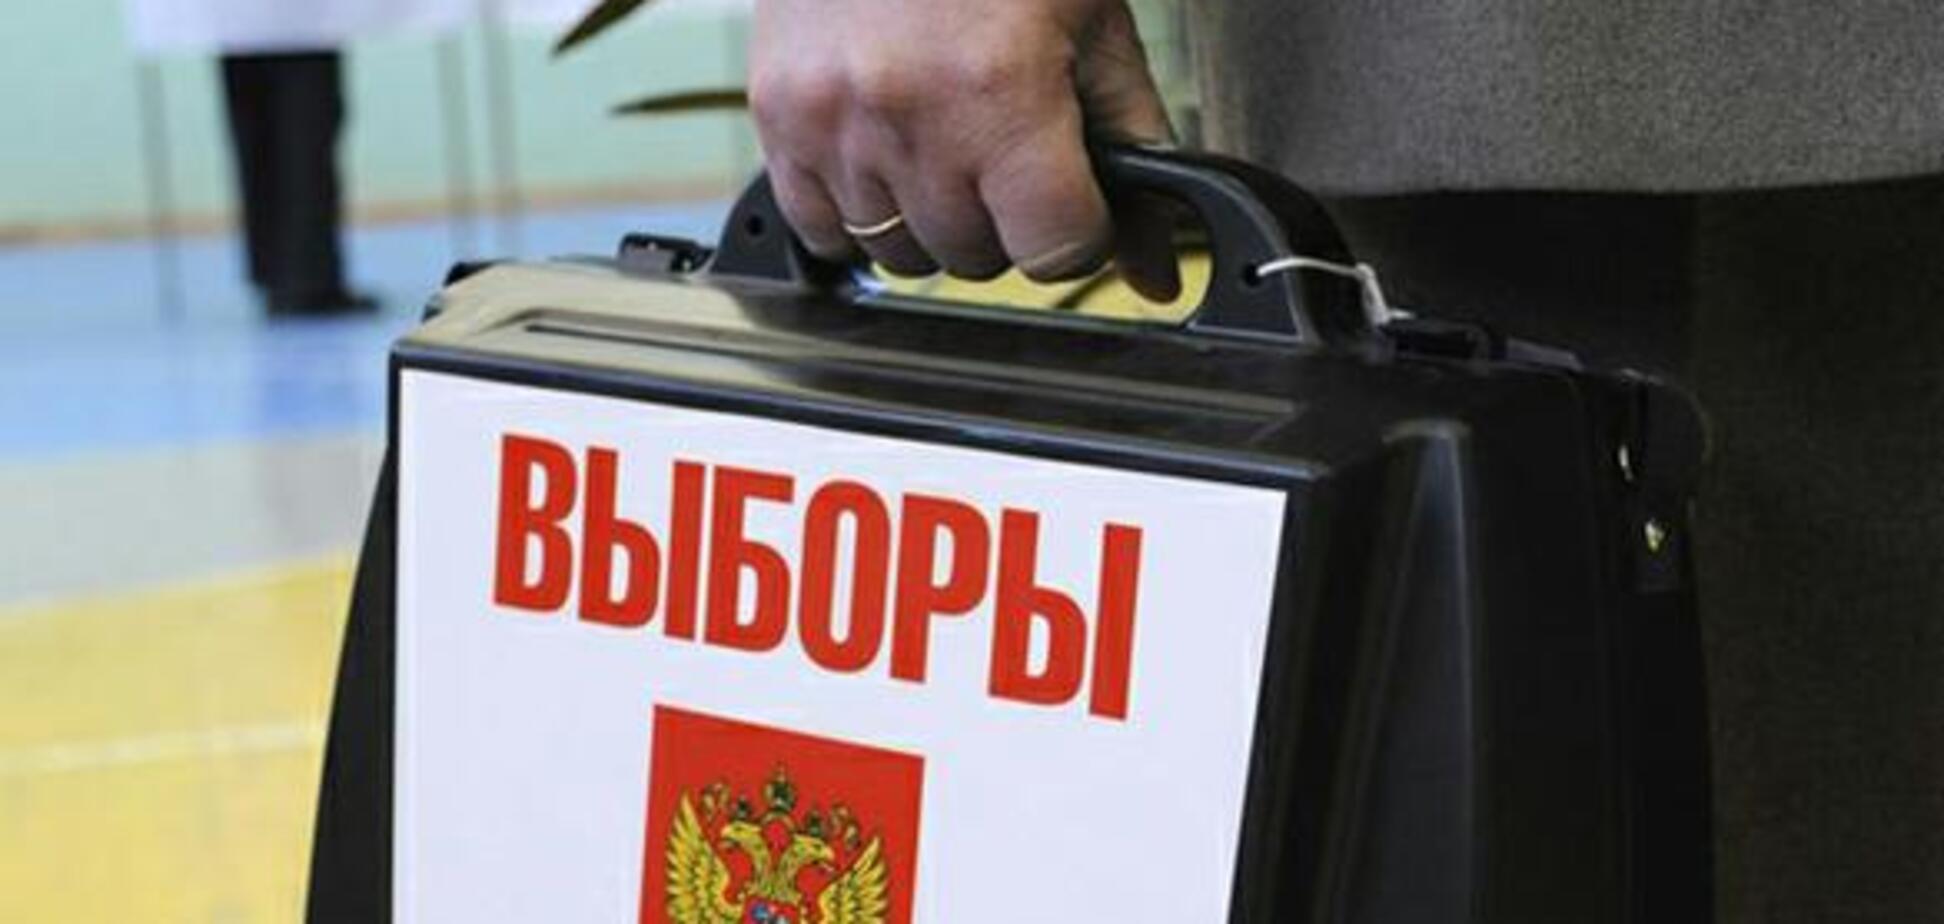 Уже в феврале начнется полная зачистка от всего российского